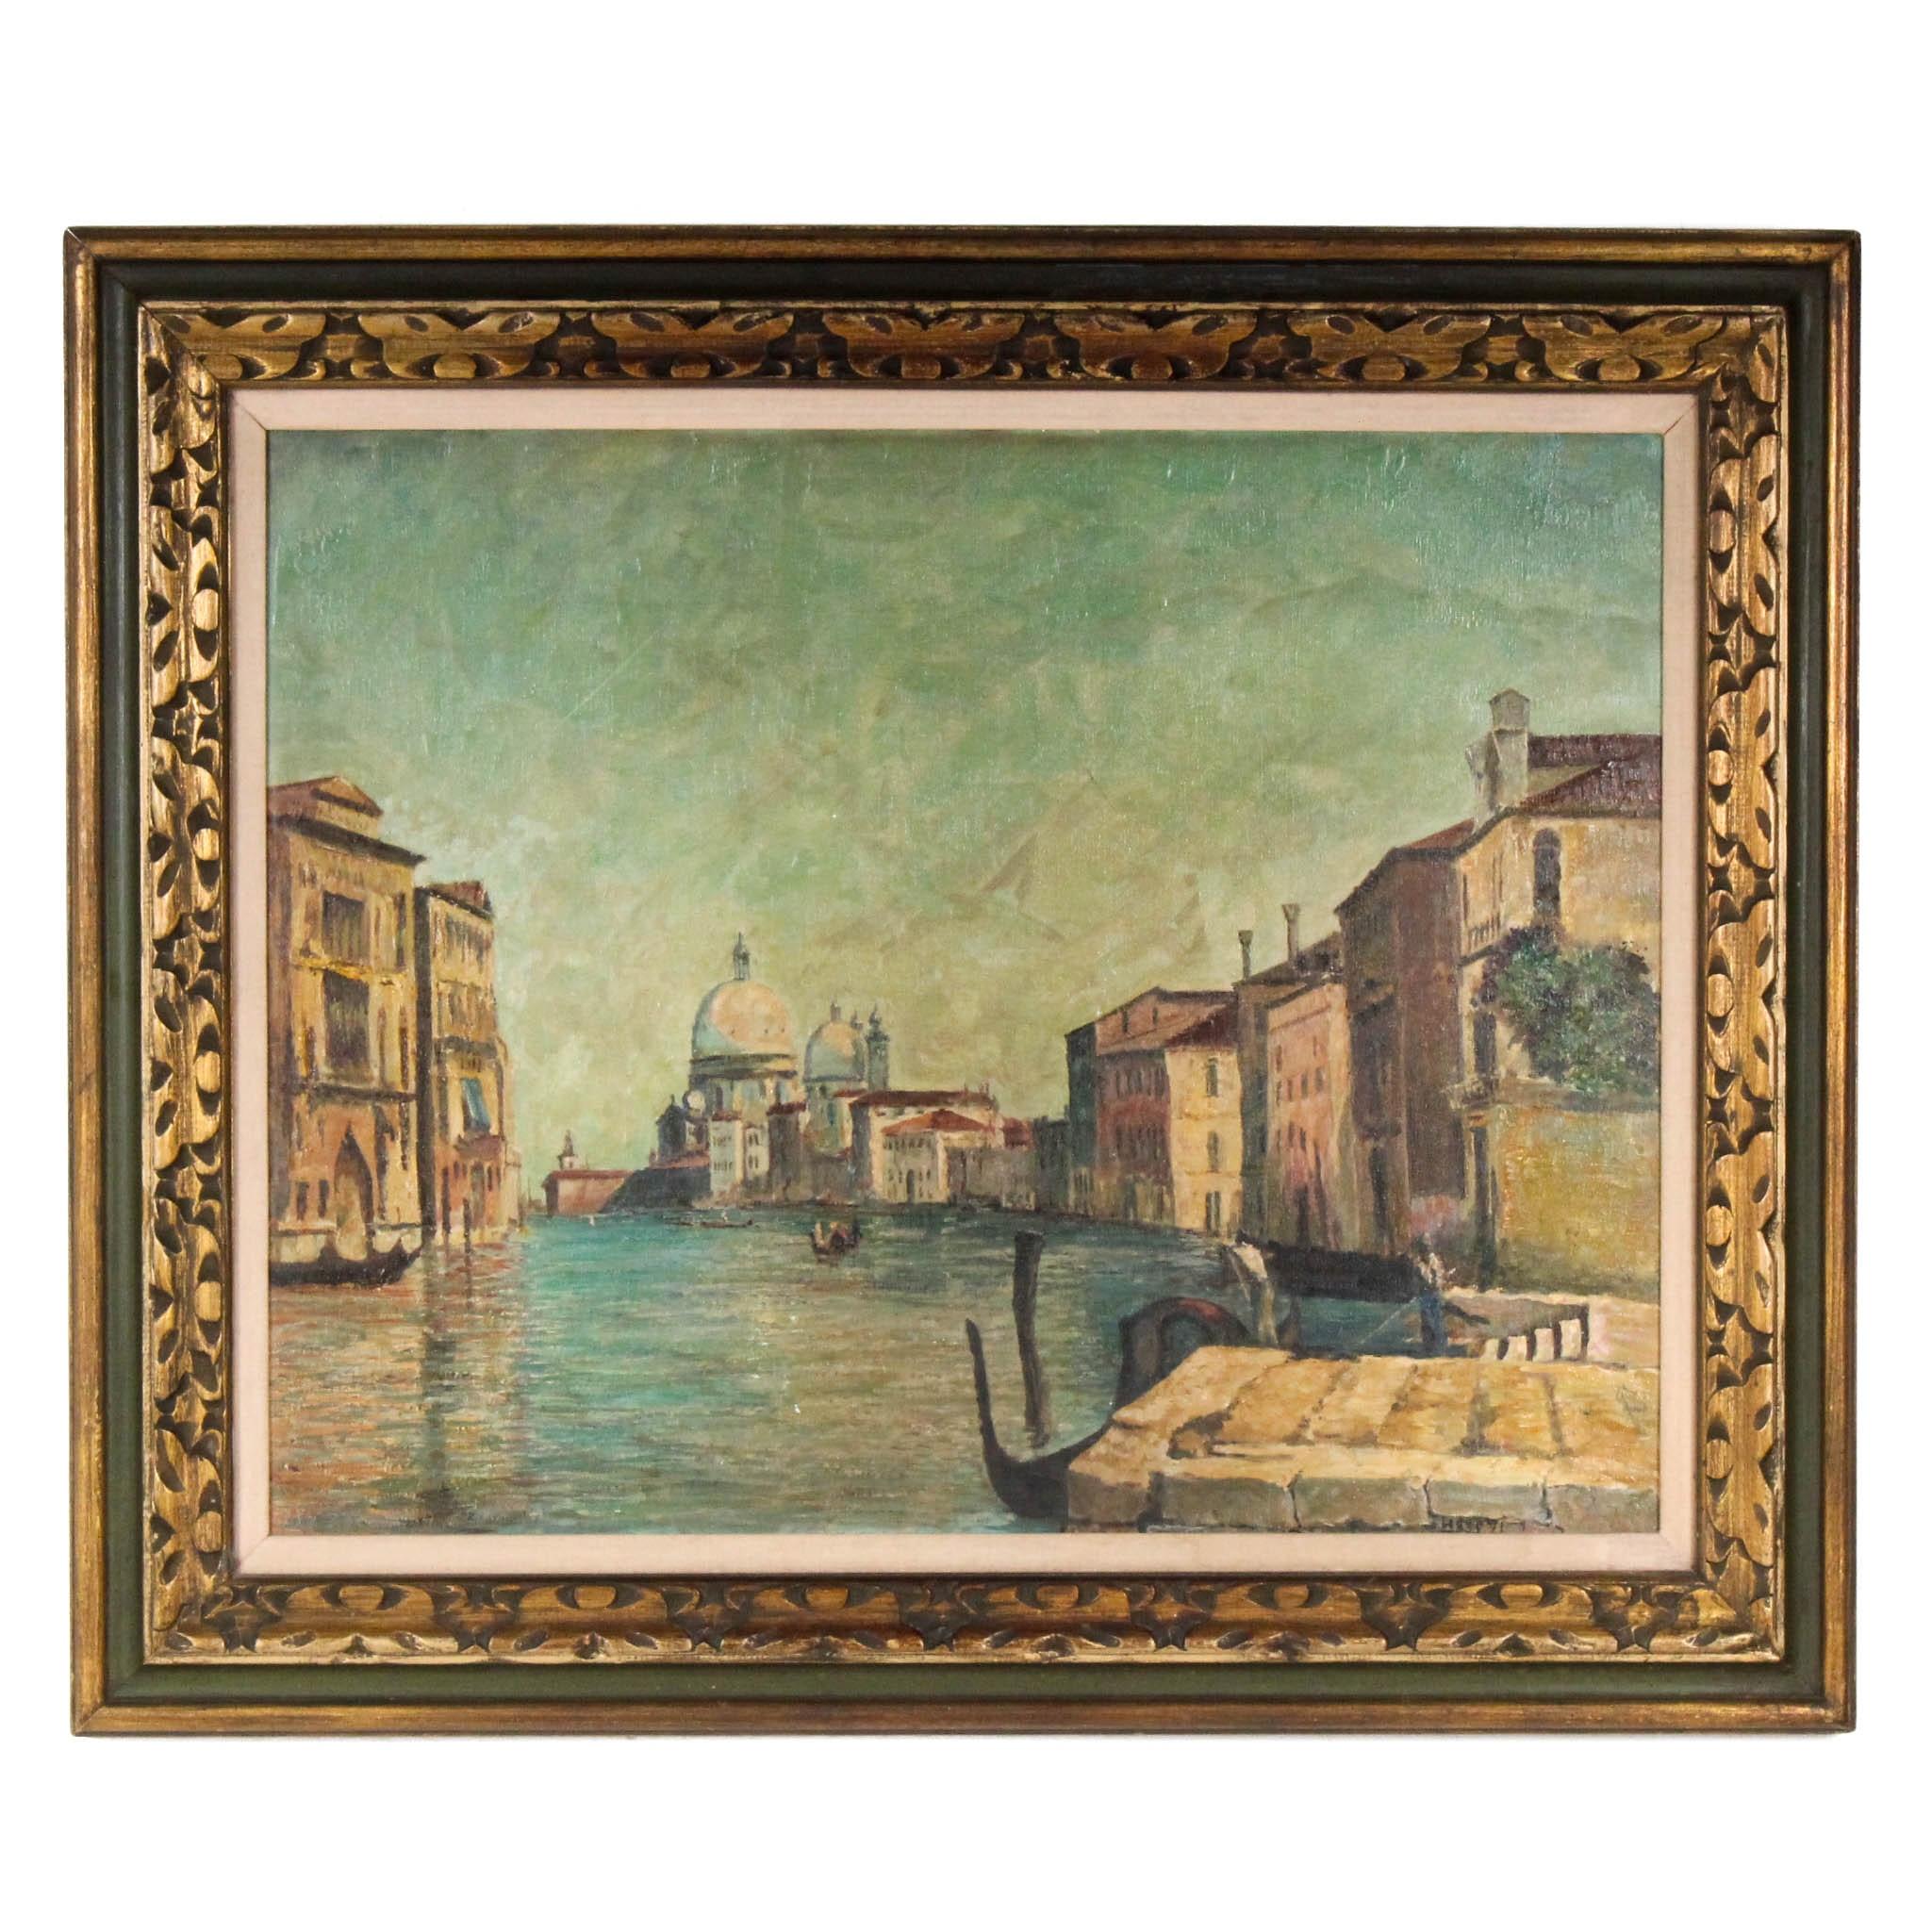 Hess 20th Century Oil Venetian Street Scene